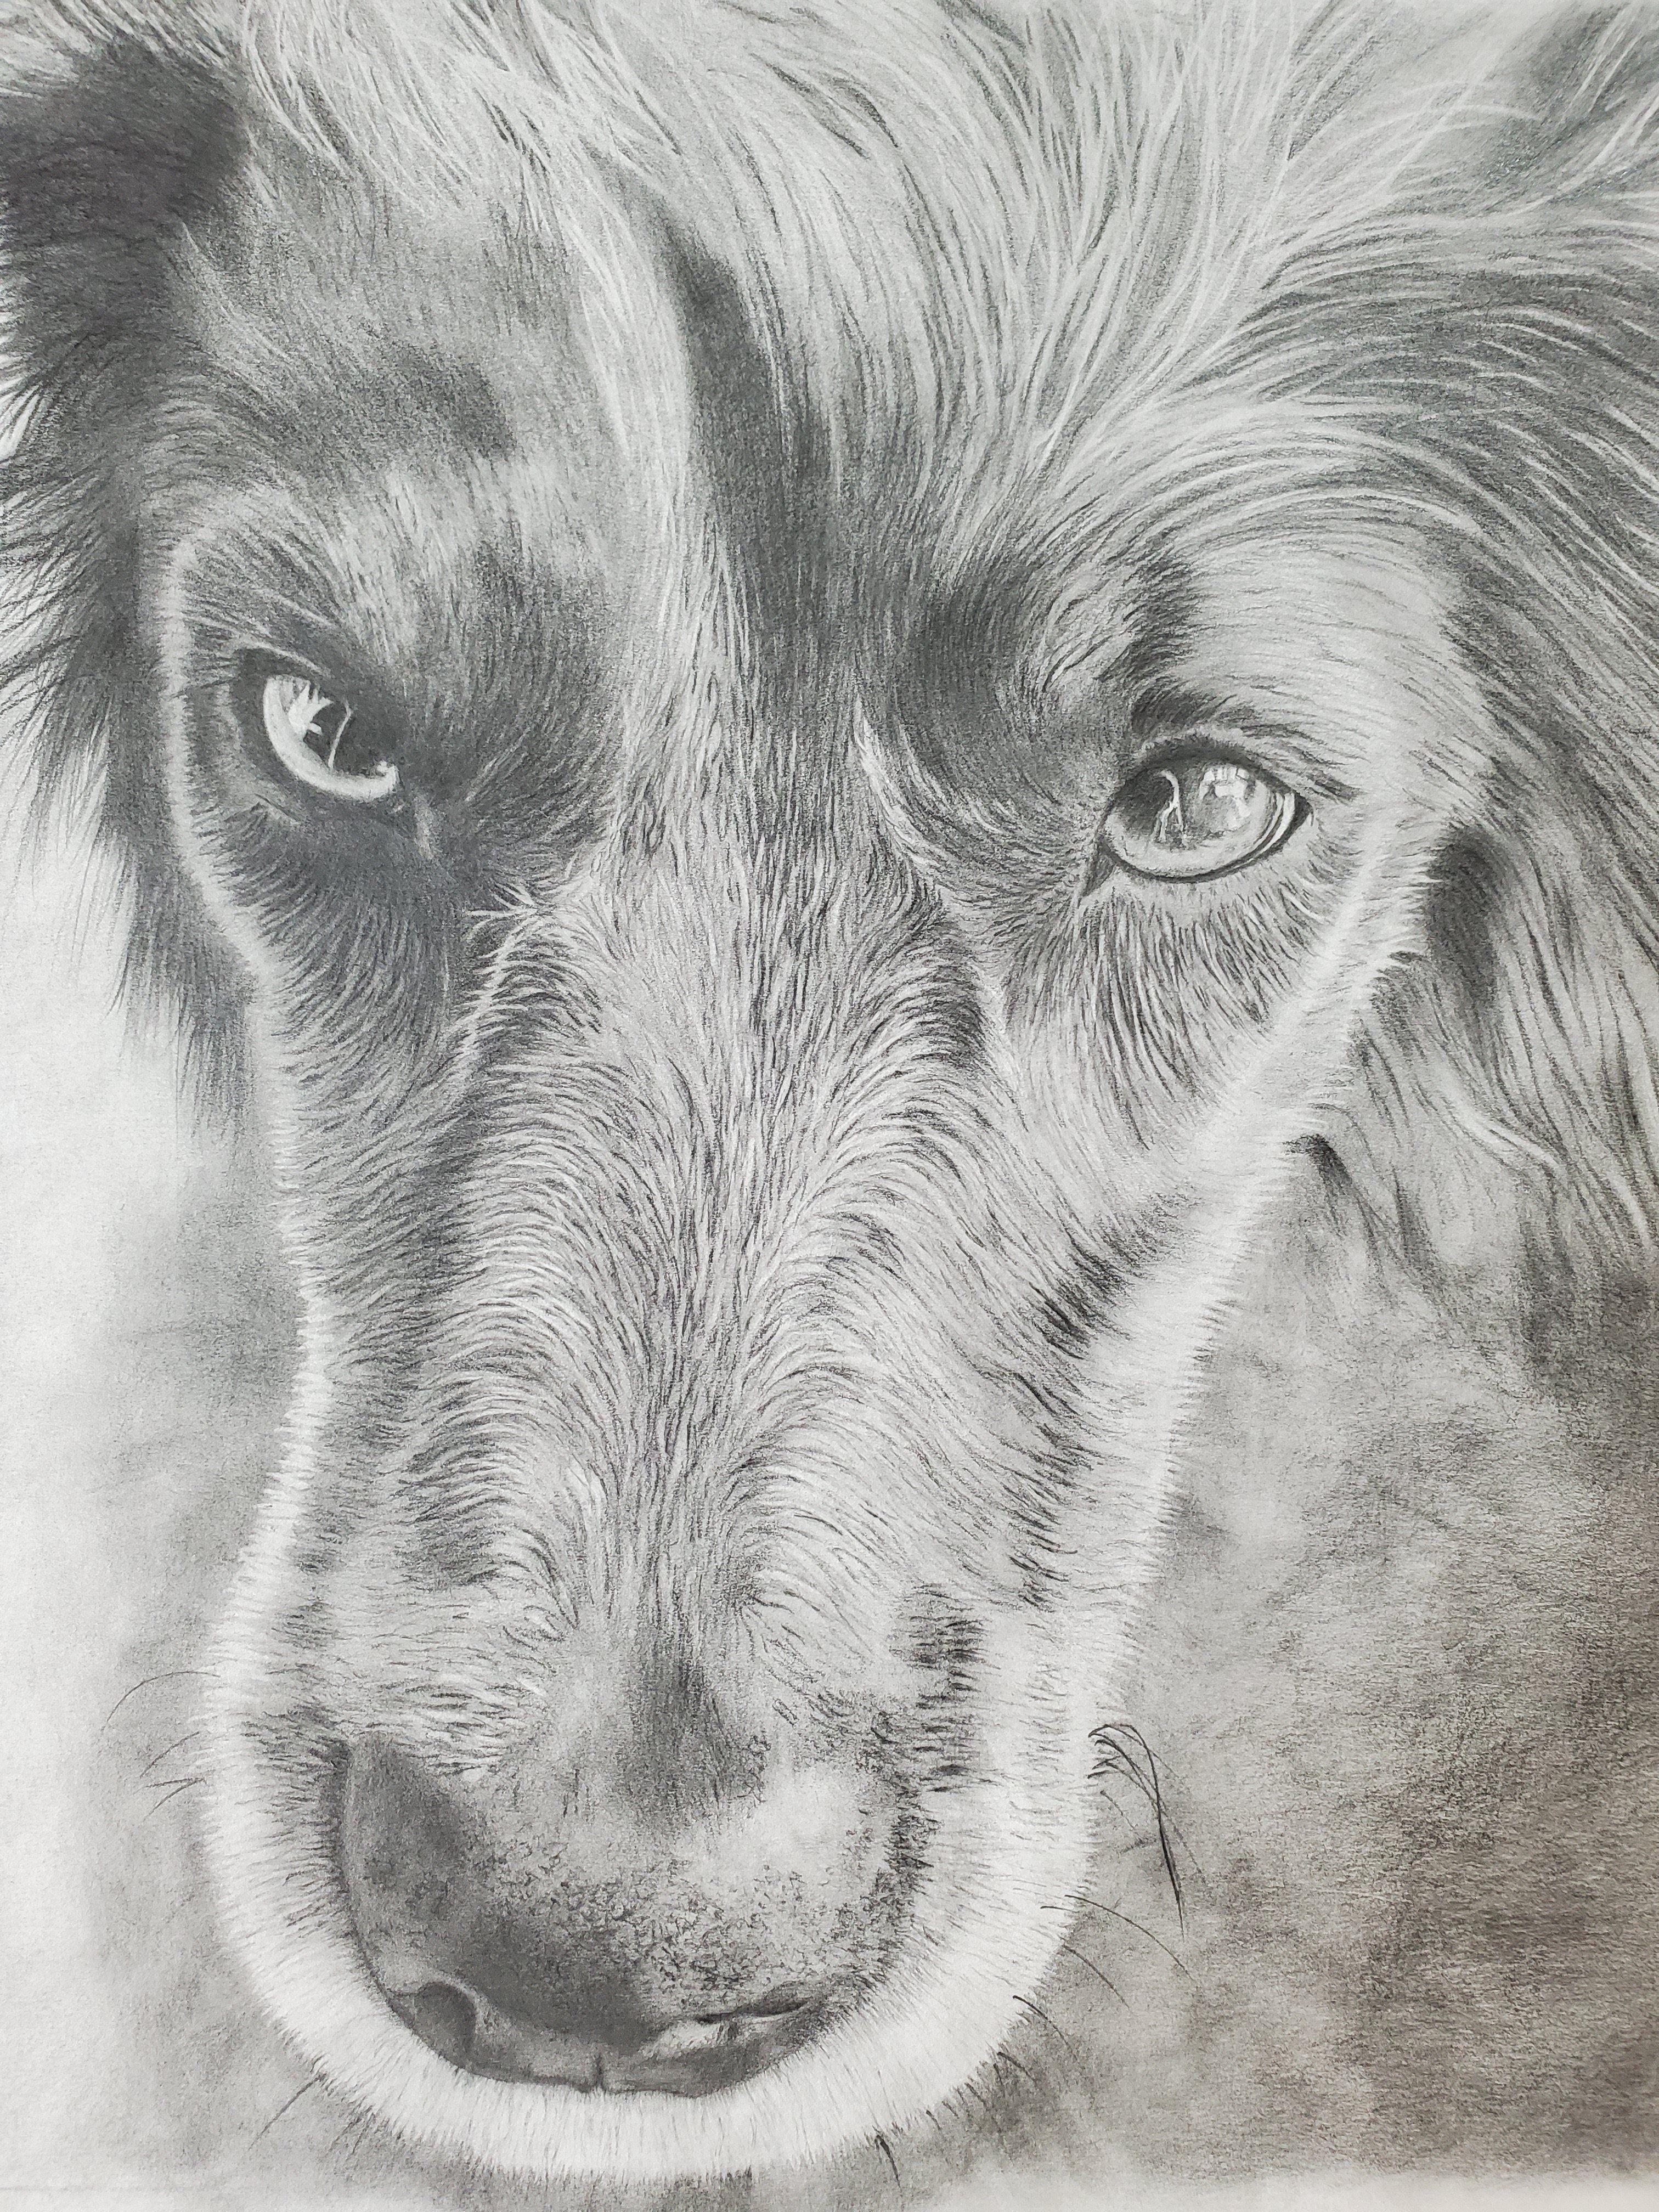 Photo of Graphite/Pencil Hand Drawn Pet Portrait